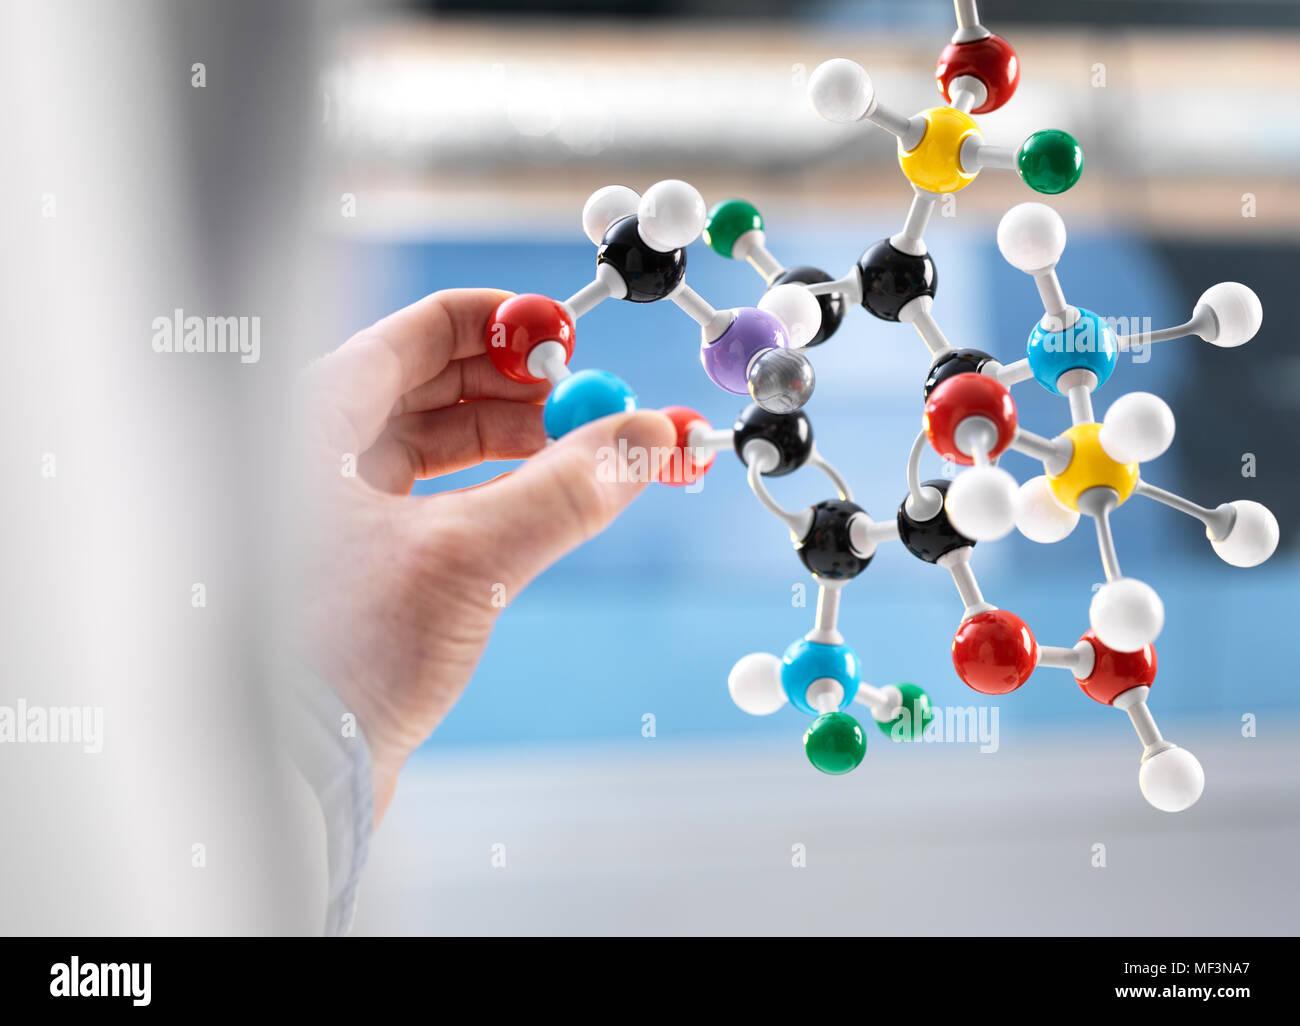 Scientist sosteniendo un modelo molecular Imagen De Stock